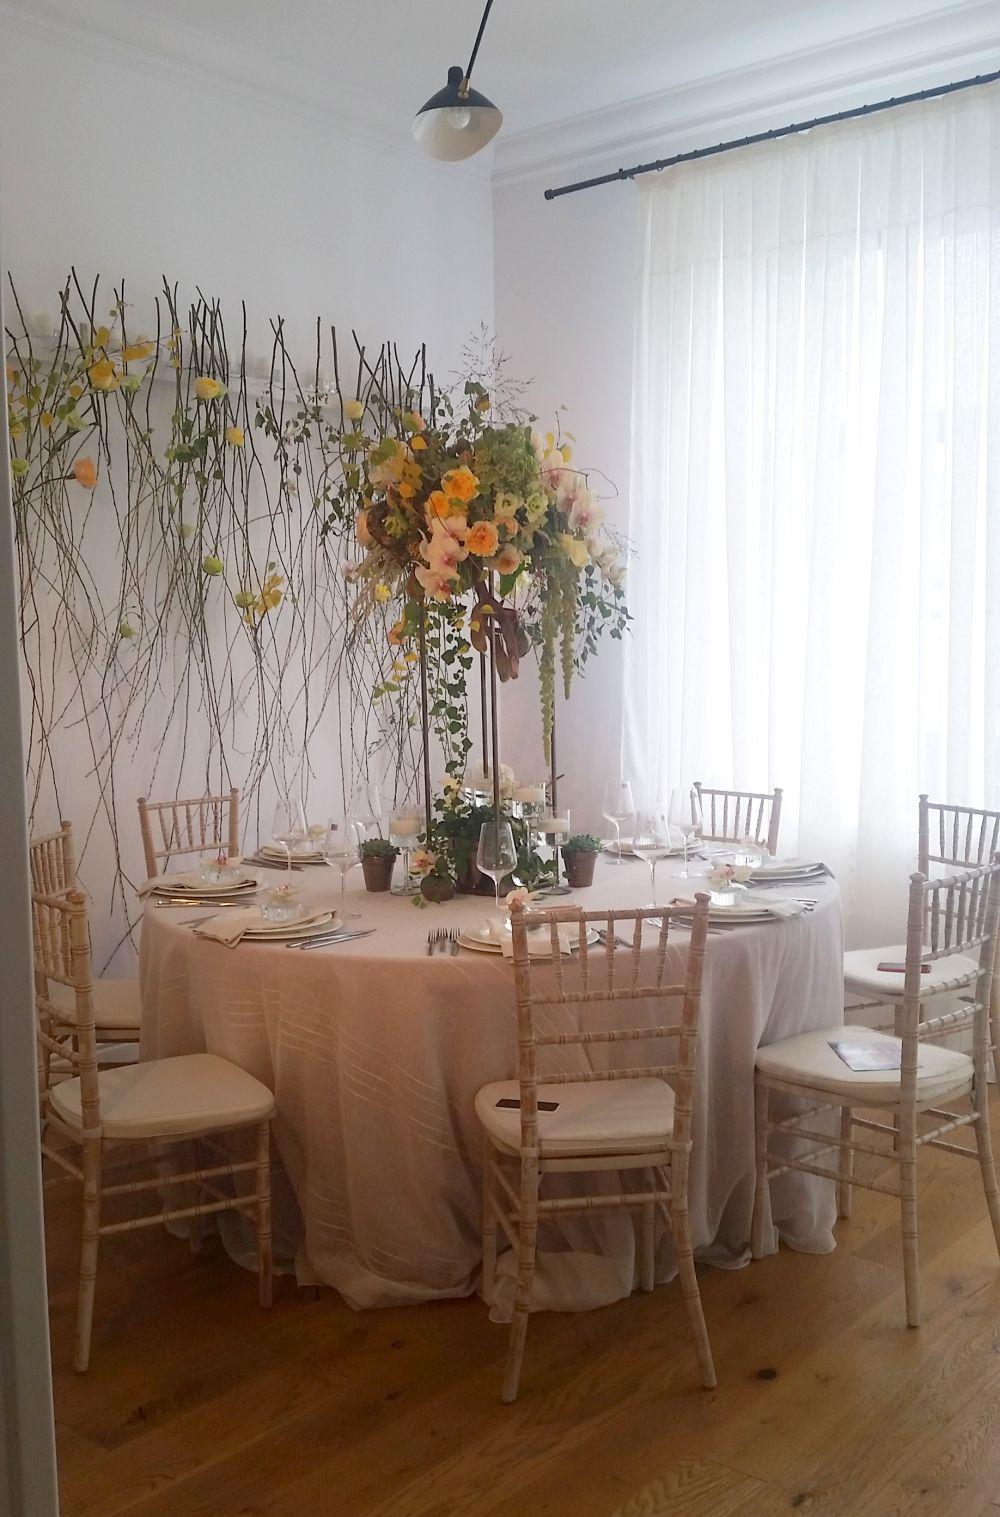 adelaparvu-com-despre-the-wedding-gallery-2016-floraria-iris-design-nicu-bocancea-51